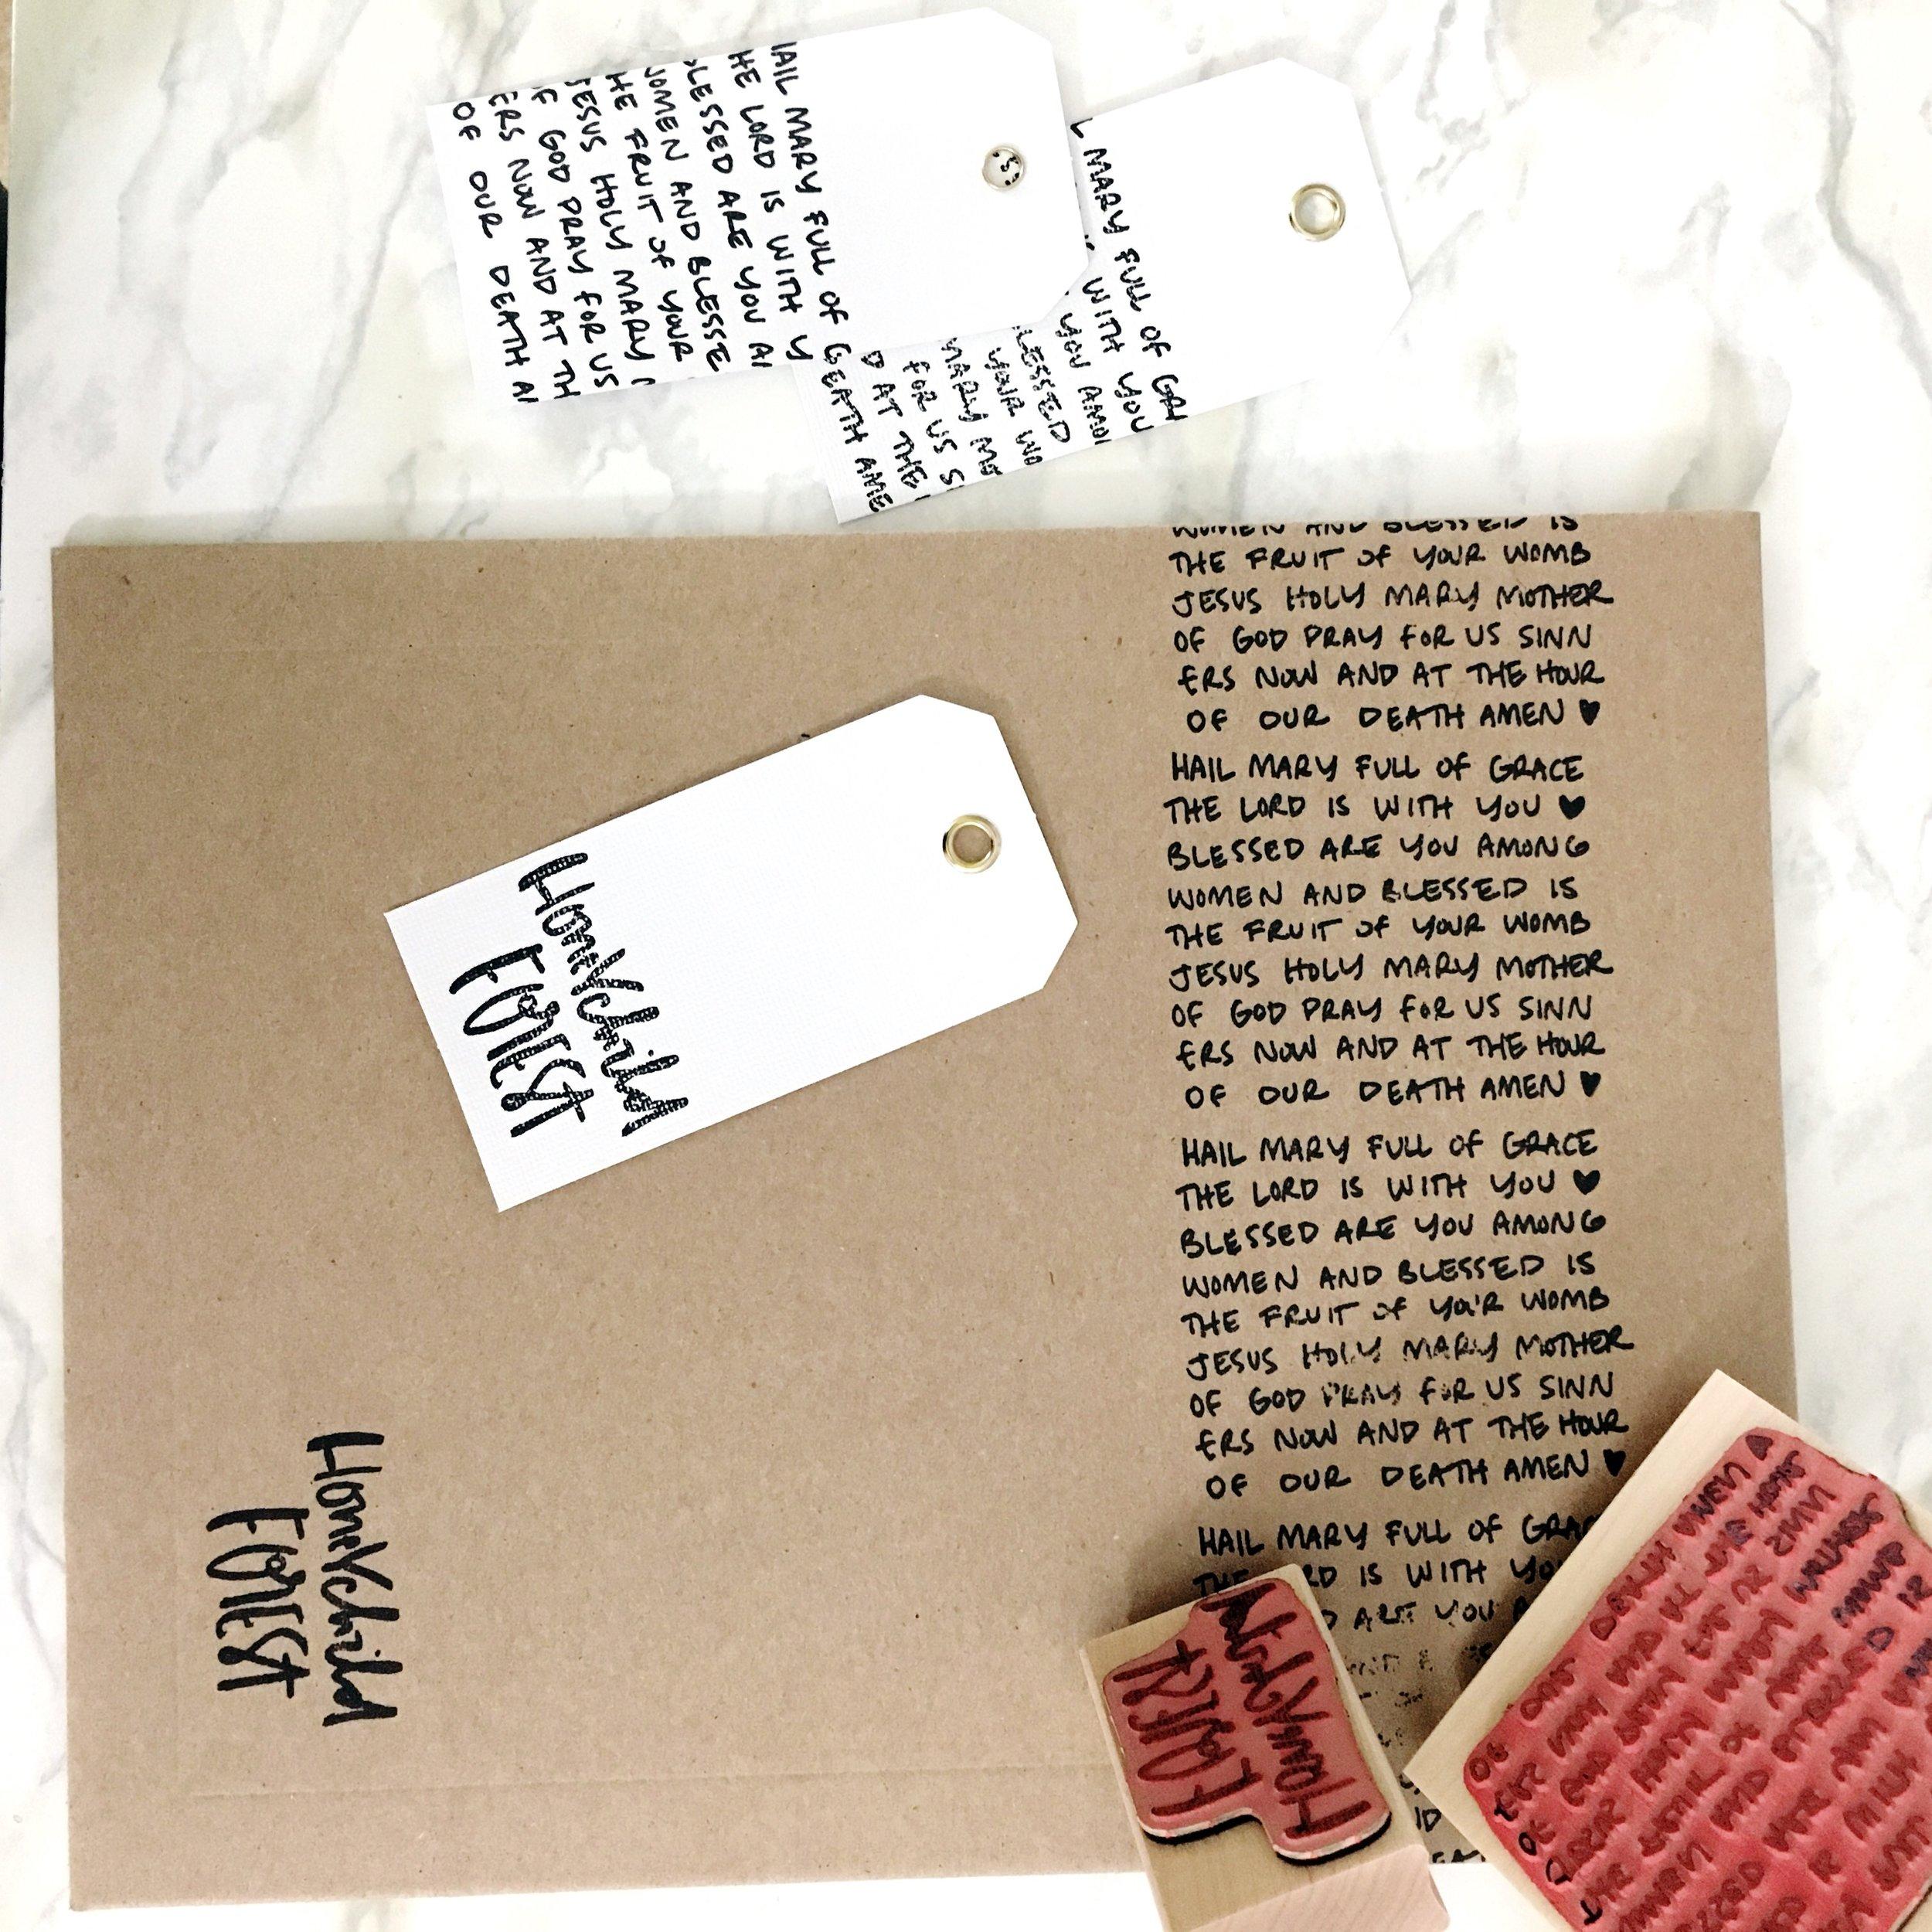 Creatiate Stamps Packaging Ideas - The Creatiate DIY Blog _0463.jpg